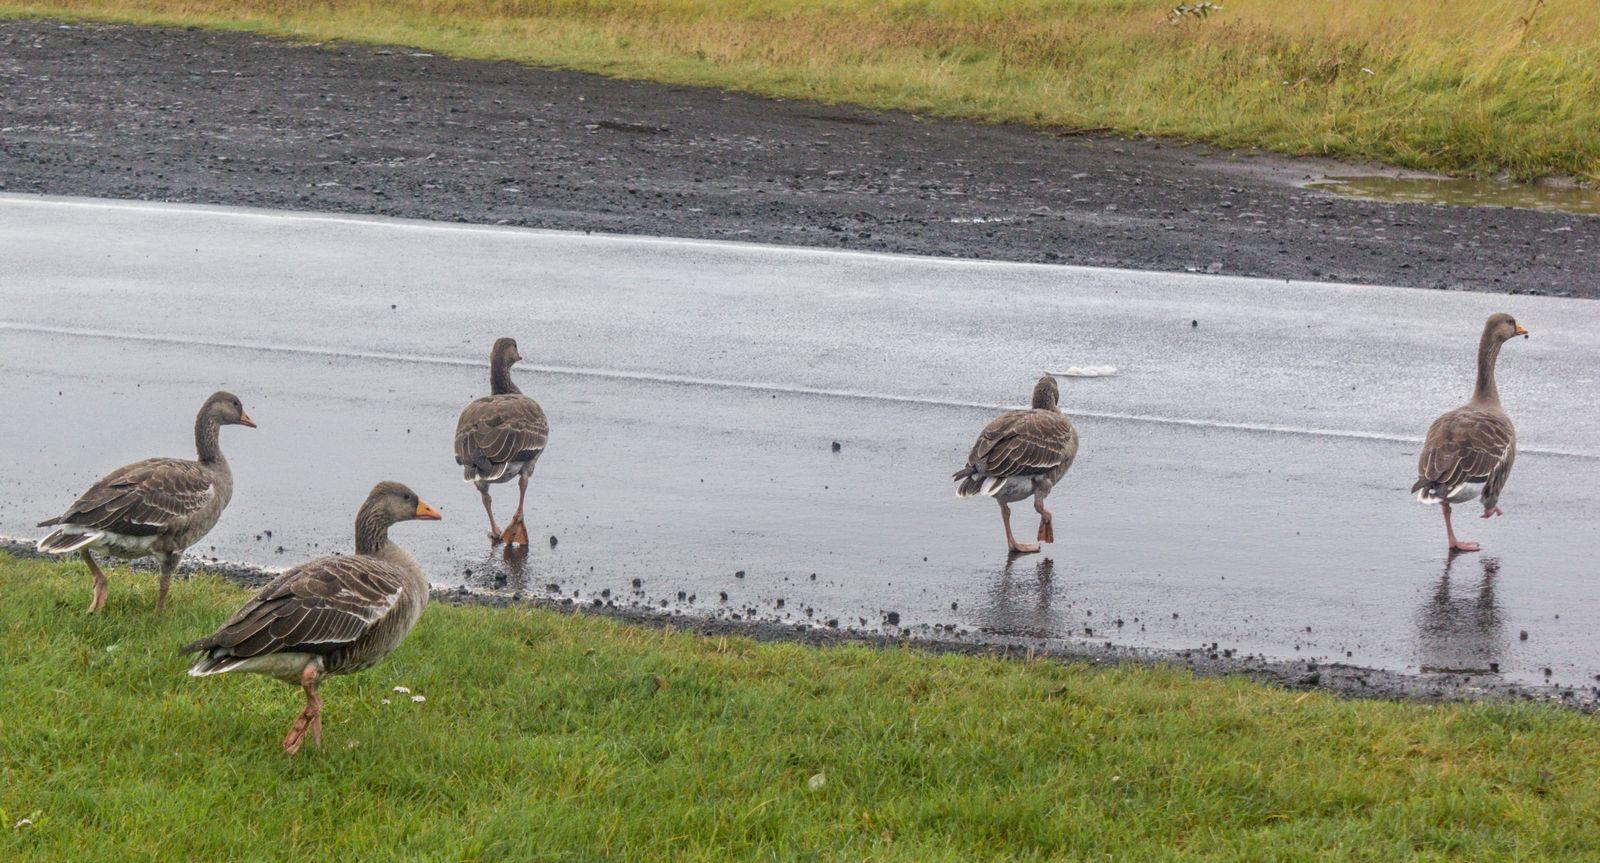 ¡A la carretera no, patos!